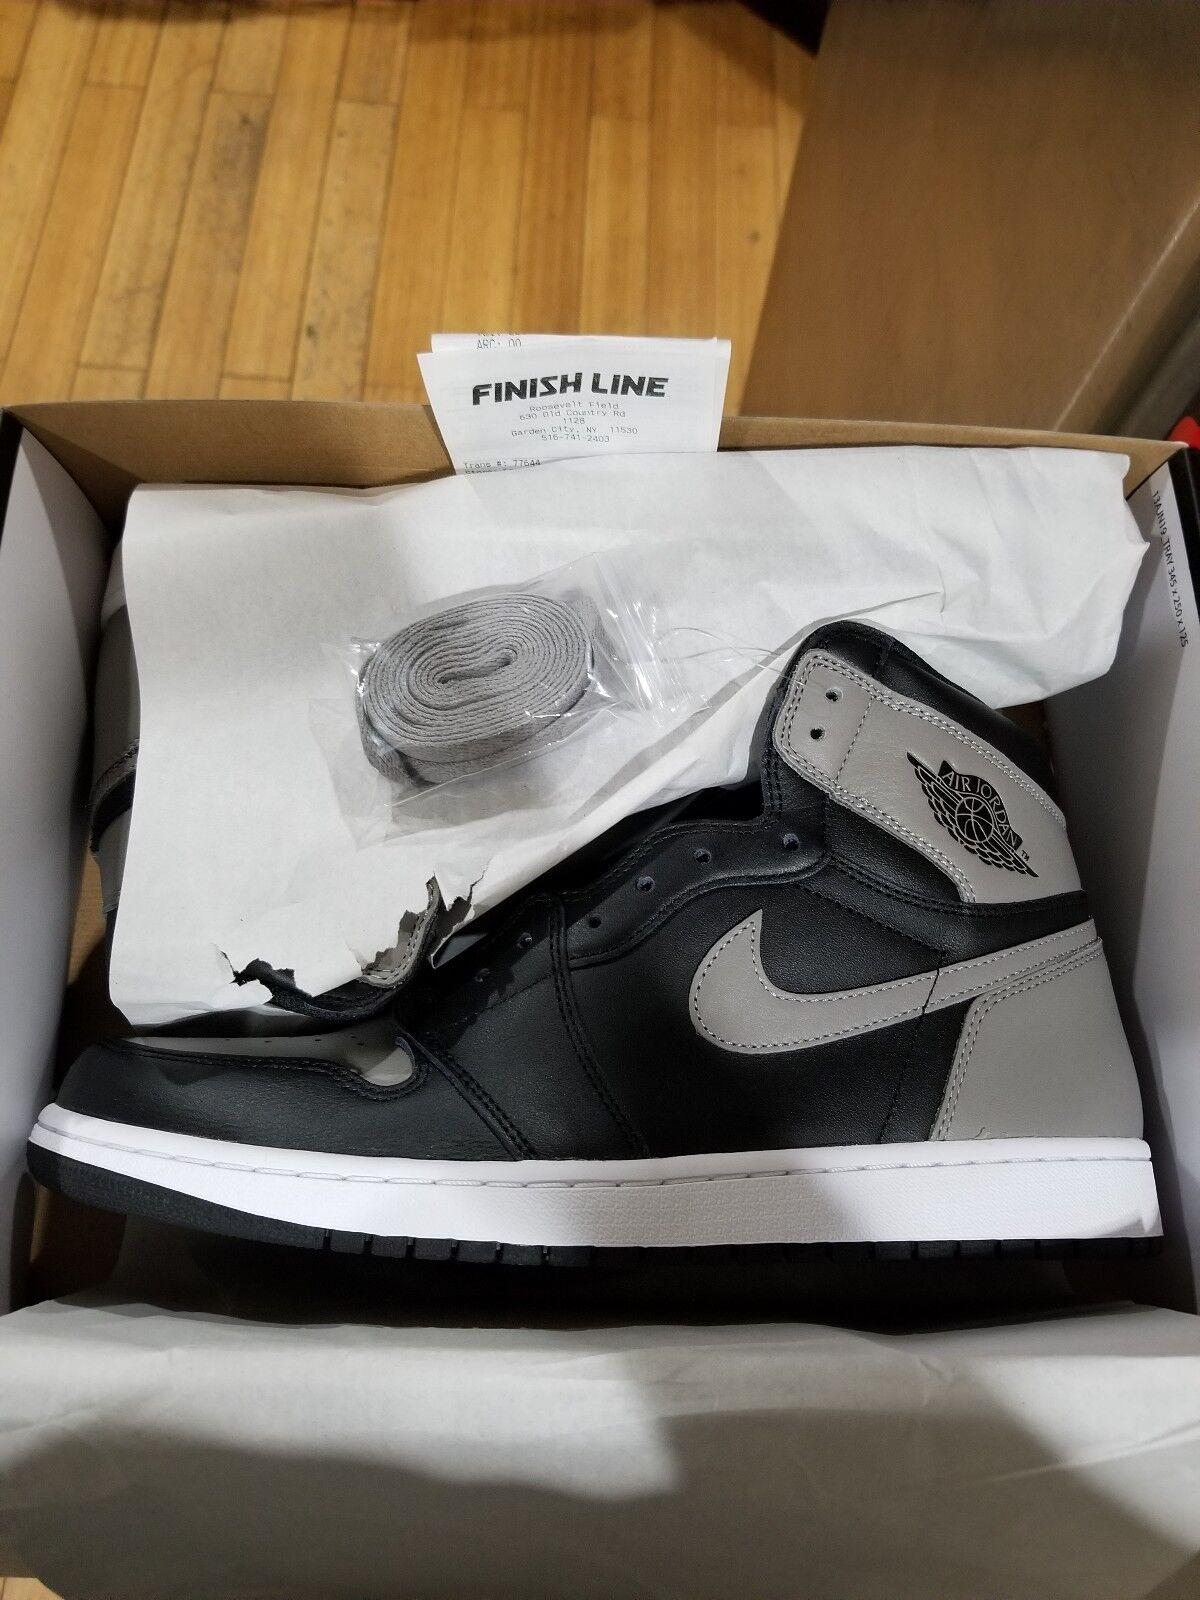 2018 Nike Air Jordan 1 / Jordan 10 Shadow Pack de 13 comodo precio de Pack temporada corta, beneficios de descuentos fe8048